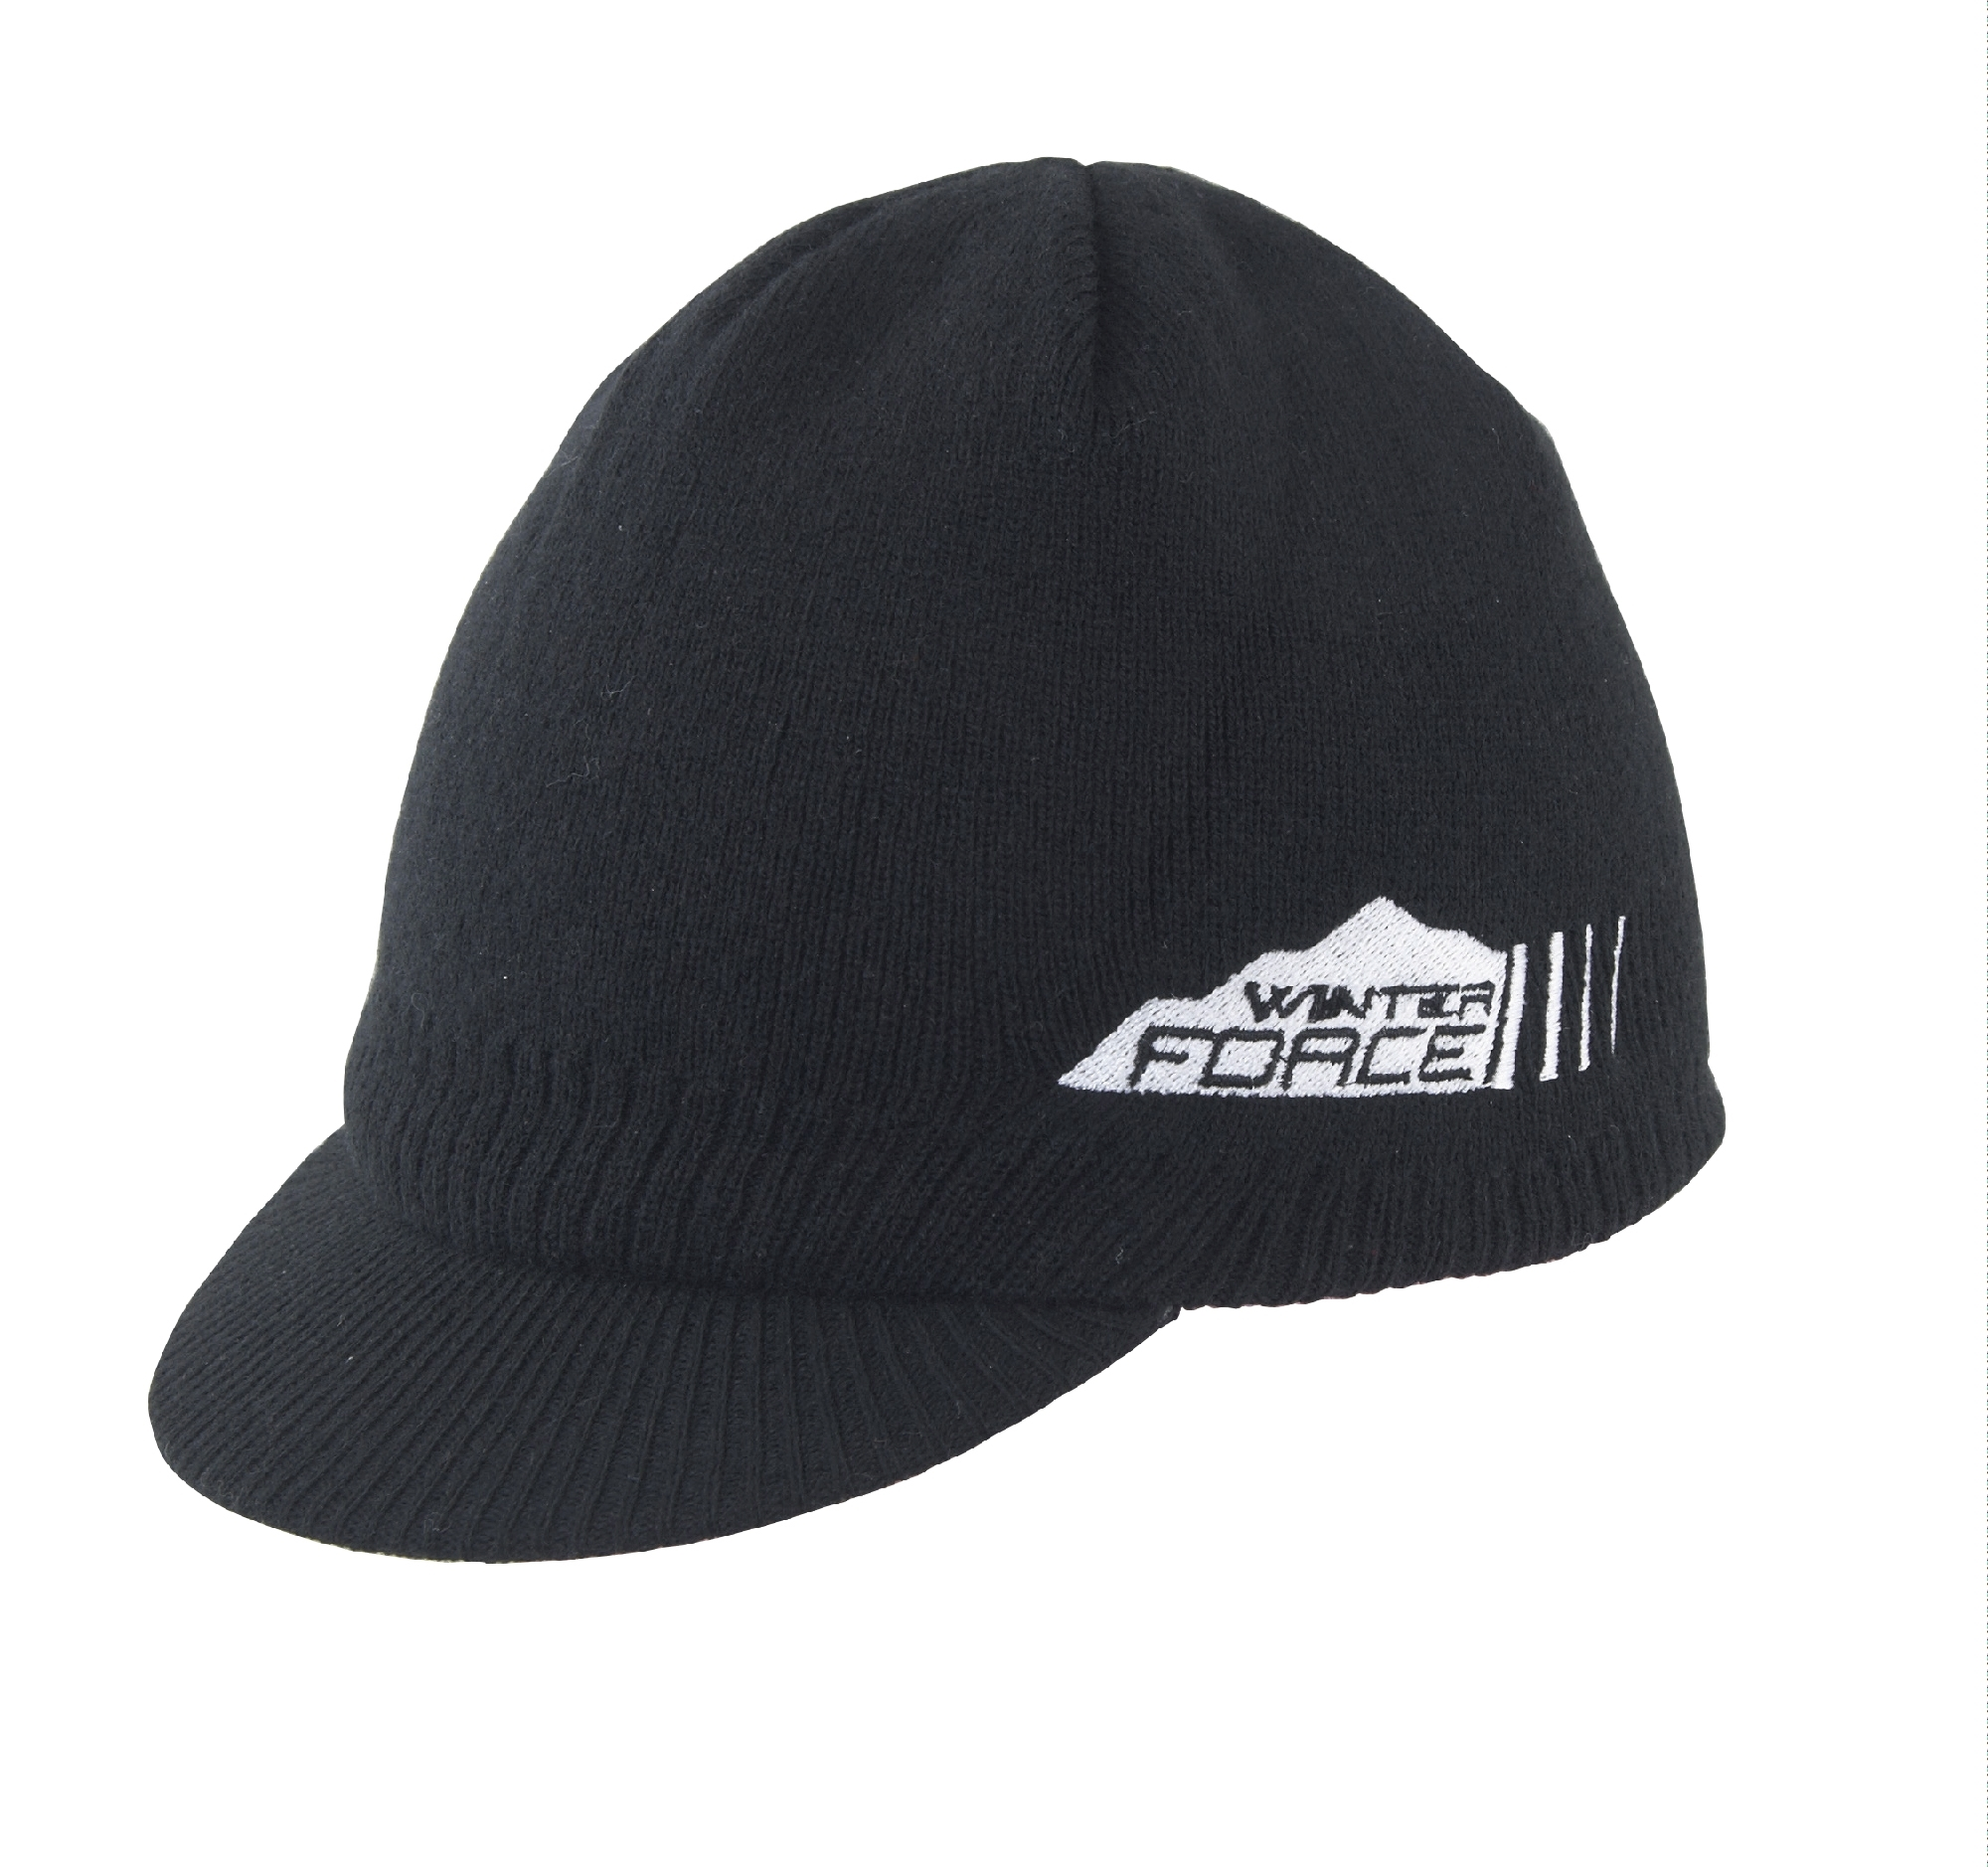 čepice zimní FORCE WINTER s kšiltem, pletená černá